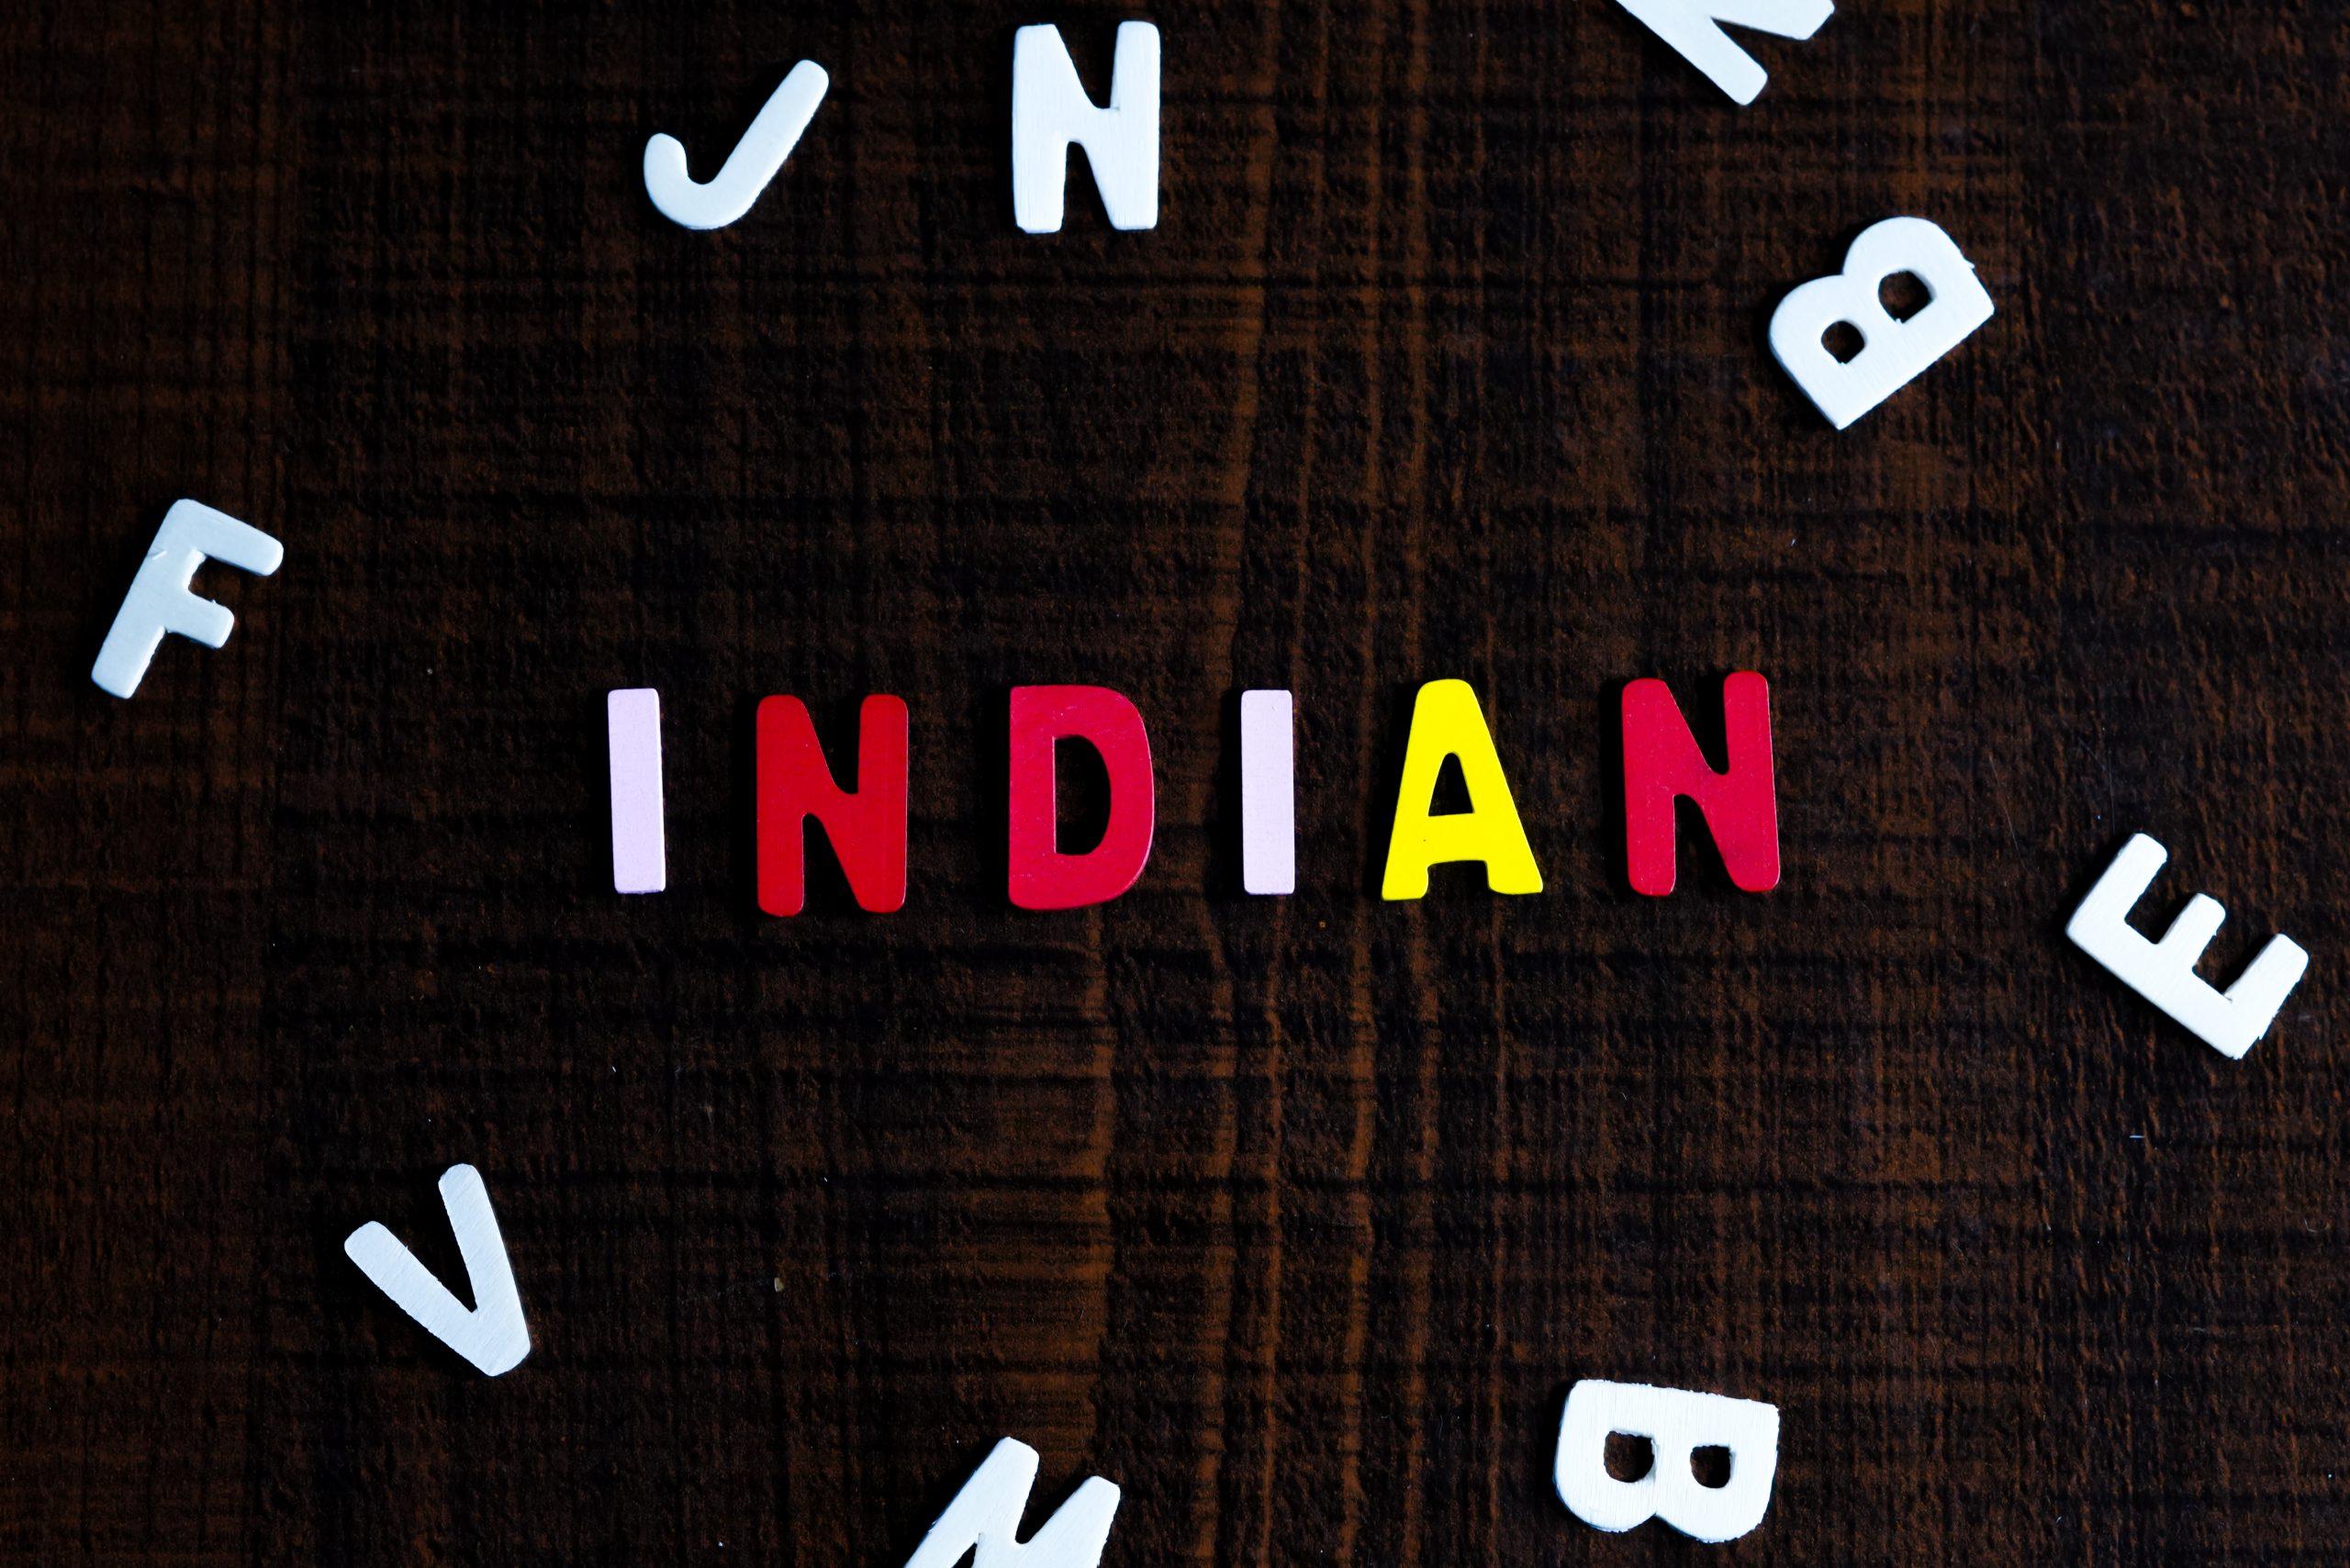 Indian written on a board